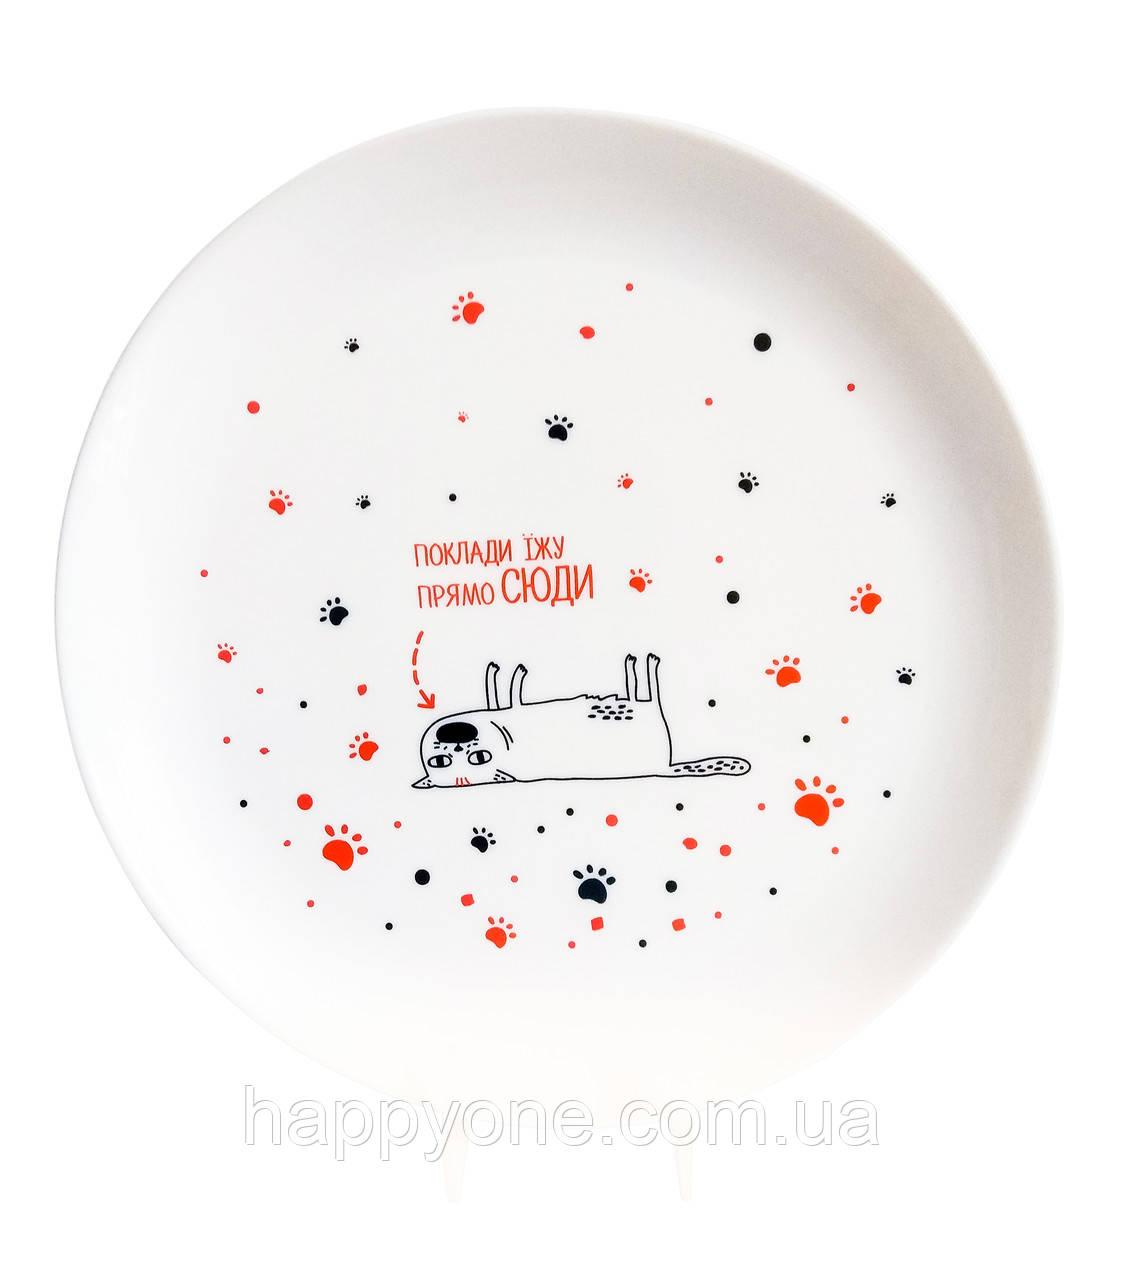 Тарелка «Поклади їжу прямо сюди»